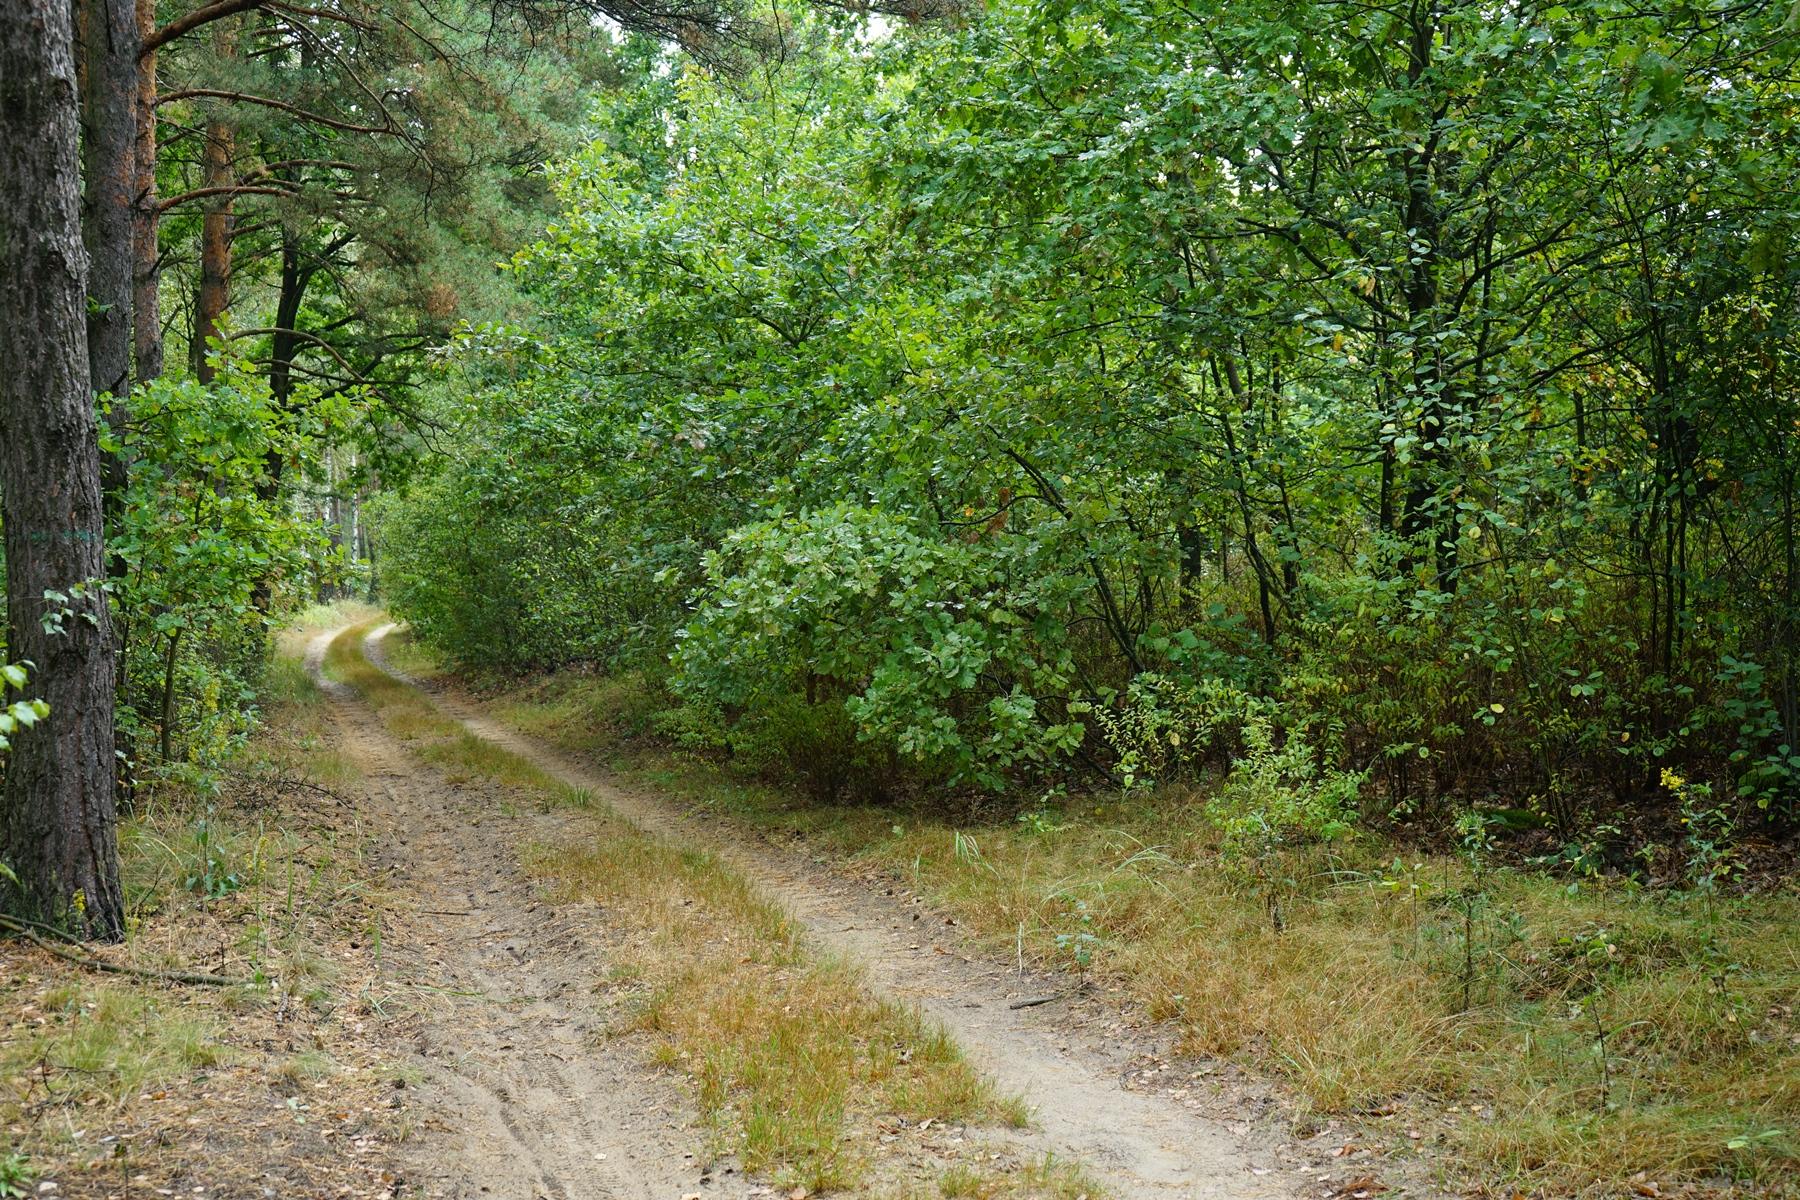 Leśna droga prowadząca w kierunku Jasienia, przy której po prawej stronie znajduje się cmentarz